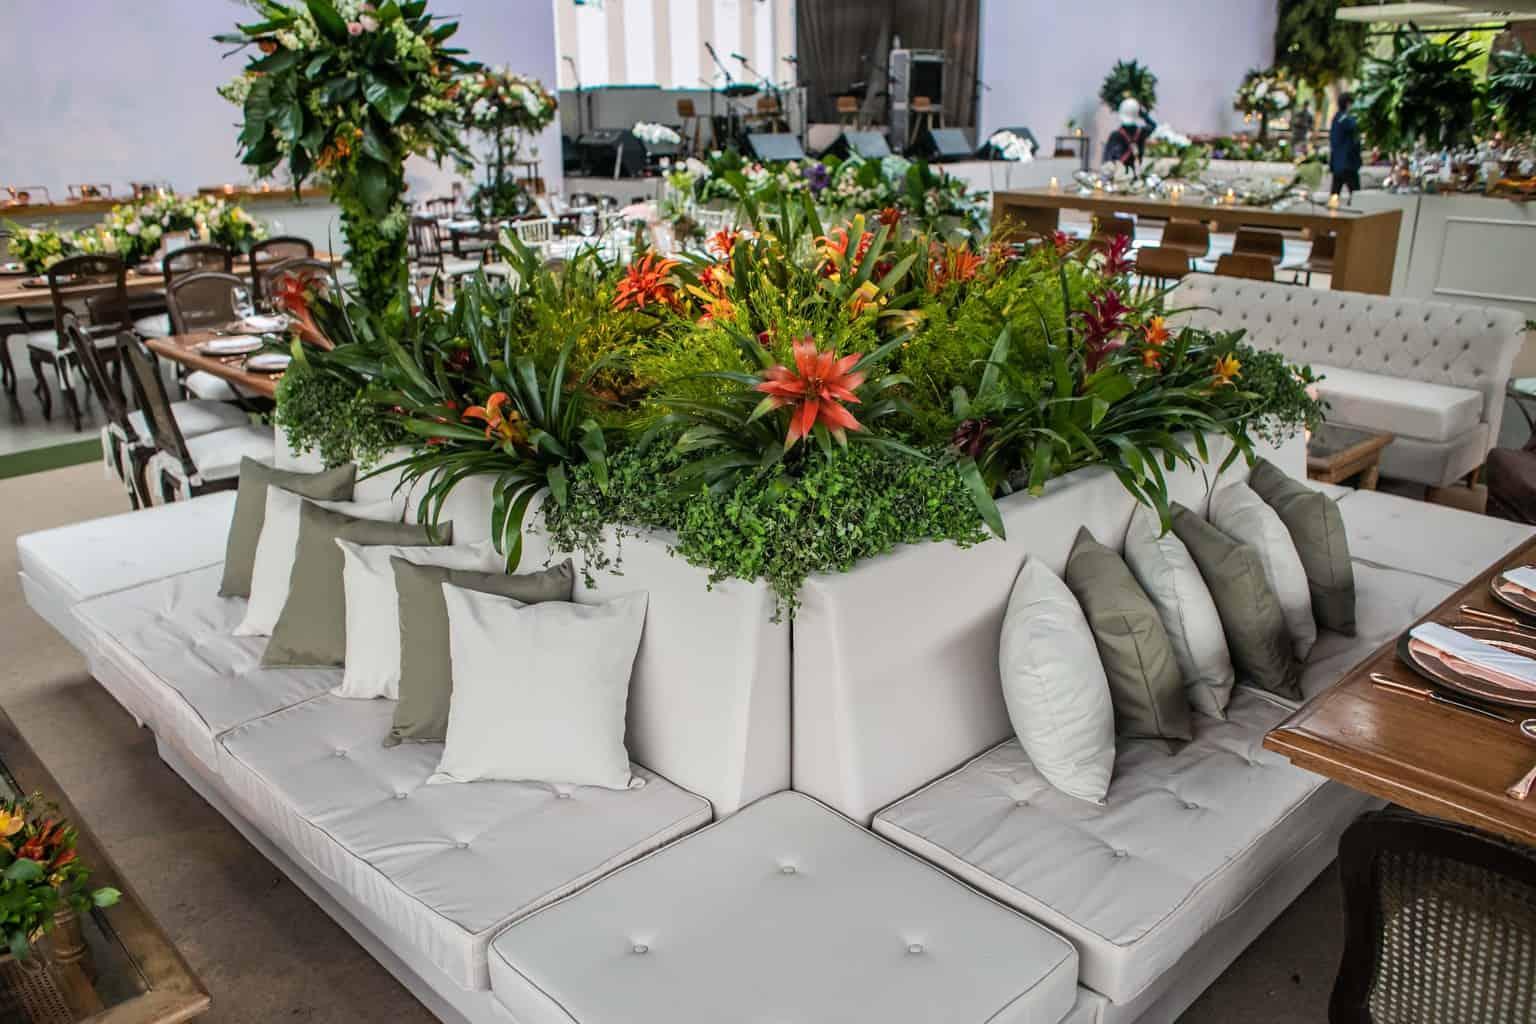 Casamento-Milene-e-Leonardo-decoracao-da-festa-Roberto-Tamer-terras-claras76